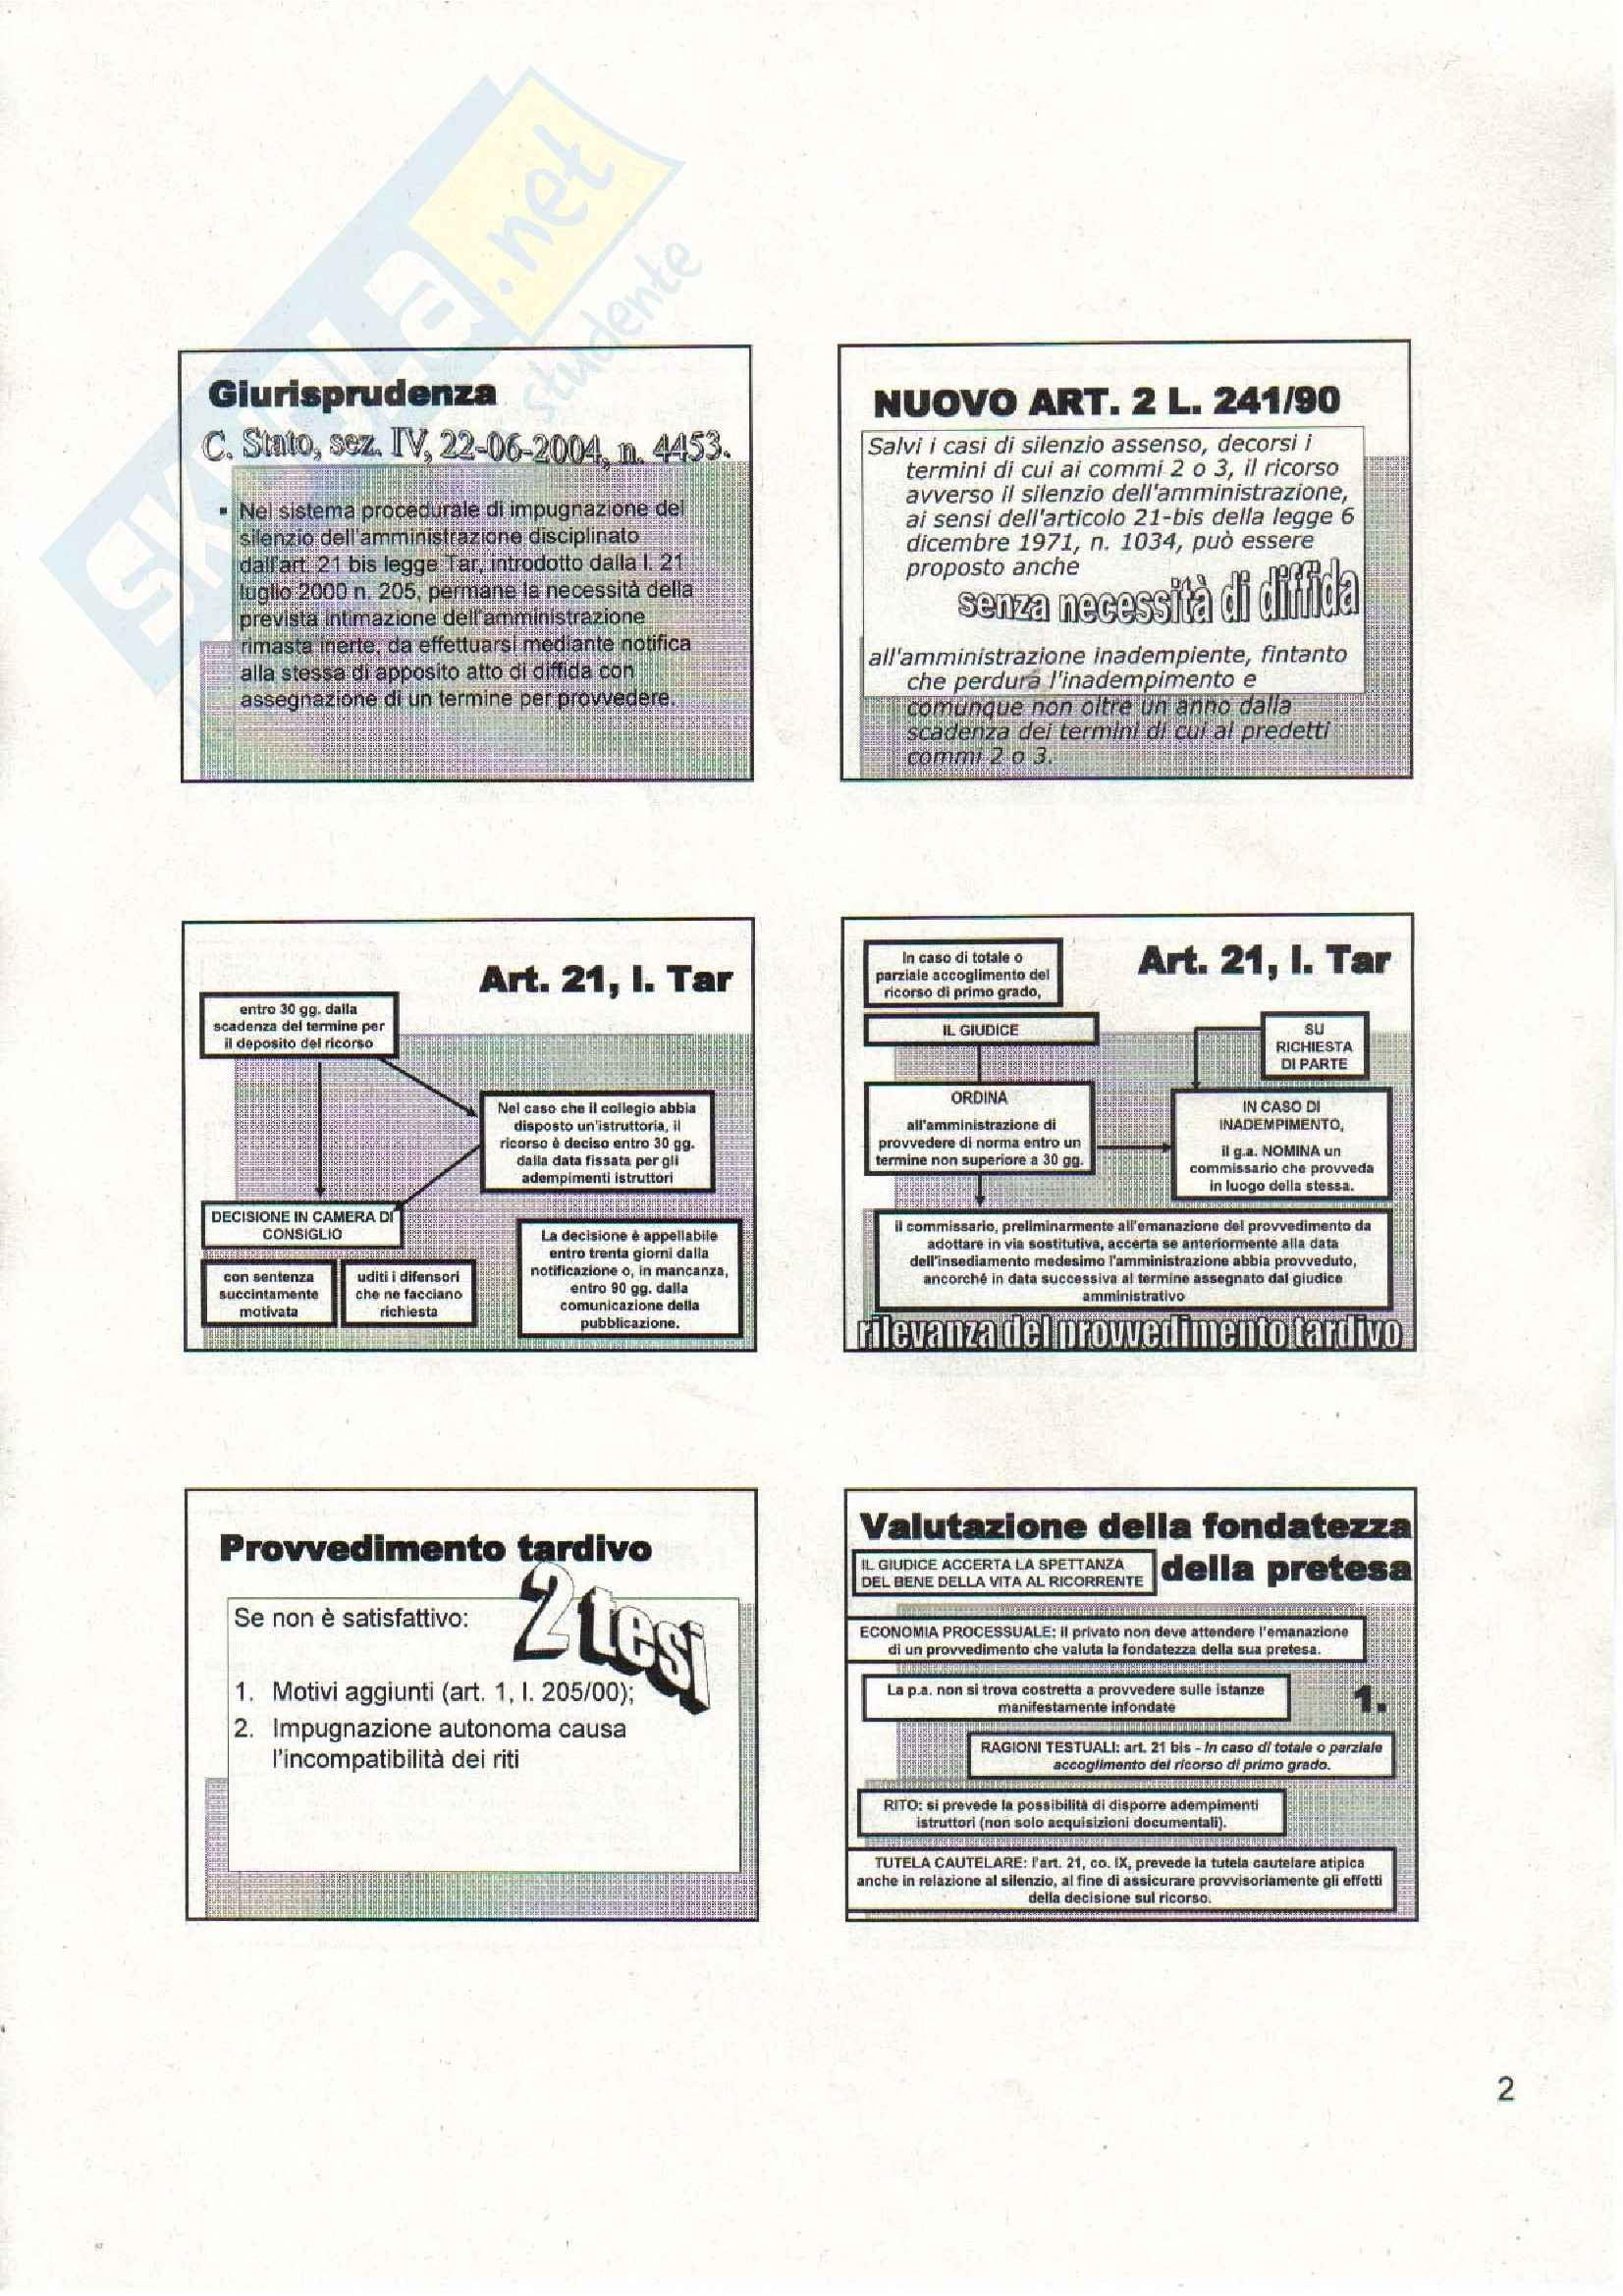 Diritto amministrativo - riti amministrativi speciali - Appunti Pag. 2